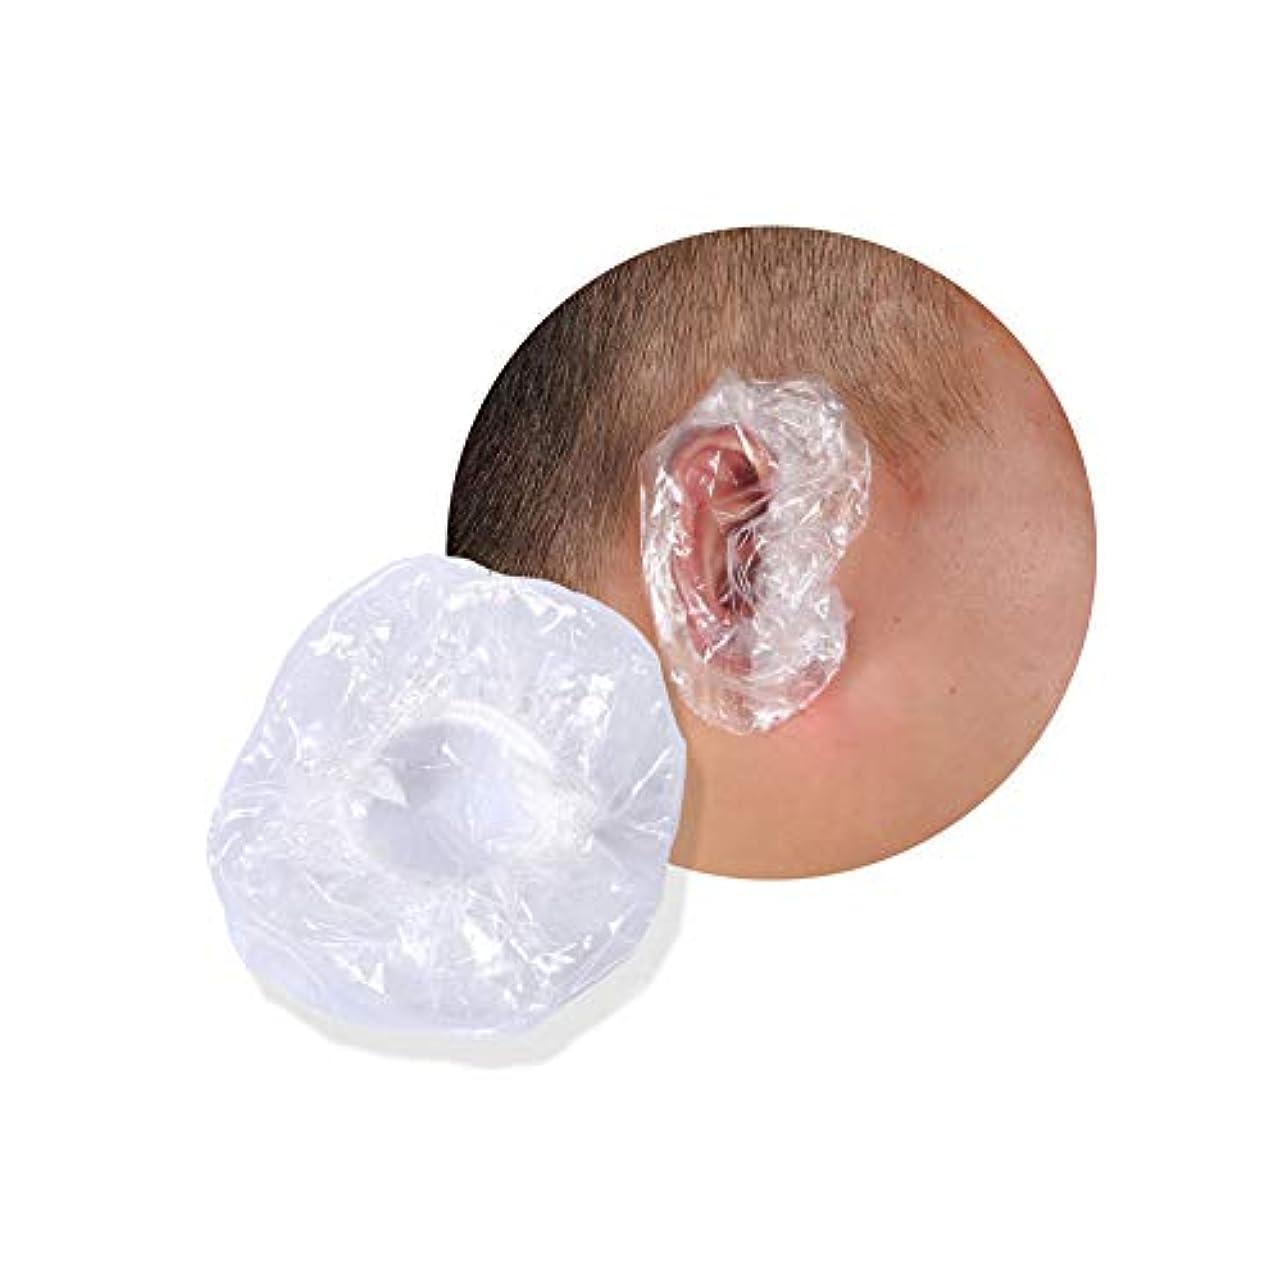 分析的な三ビームイヤーキャップ 使い捨て 簡単 装着 透明 ビニール 耳 保護 カバー 毛染め パーマ 縮毛矯正 シャンプー トリートメント 100個入り